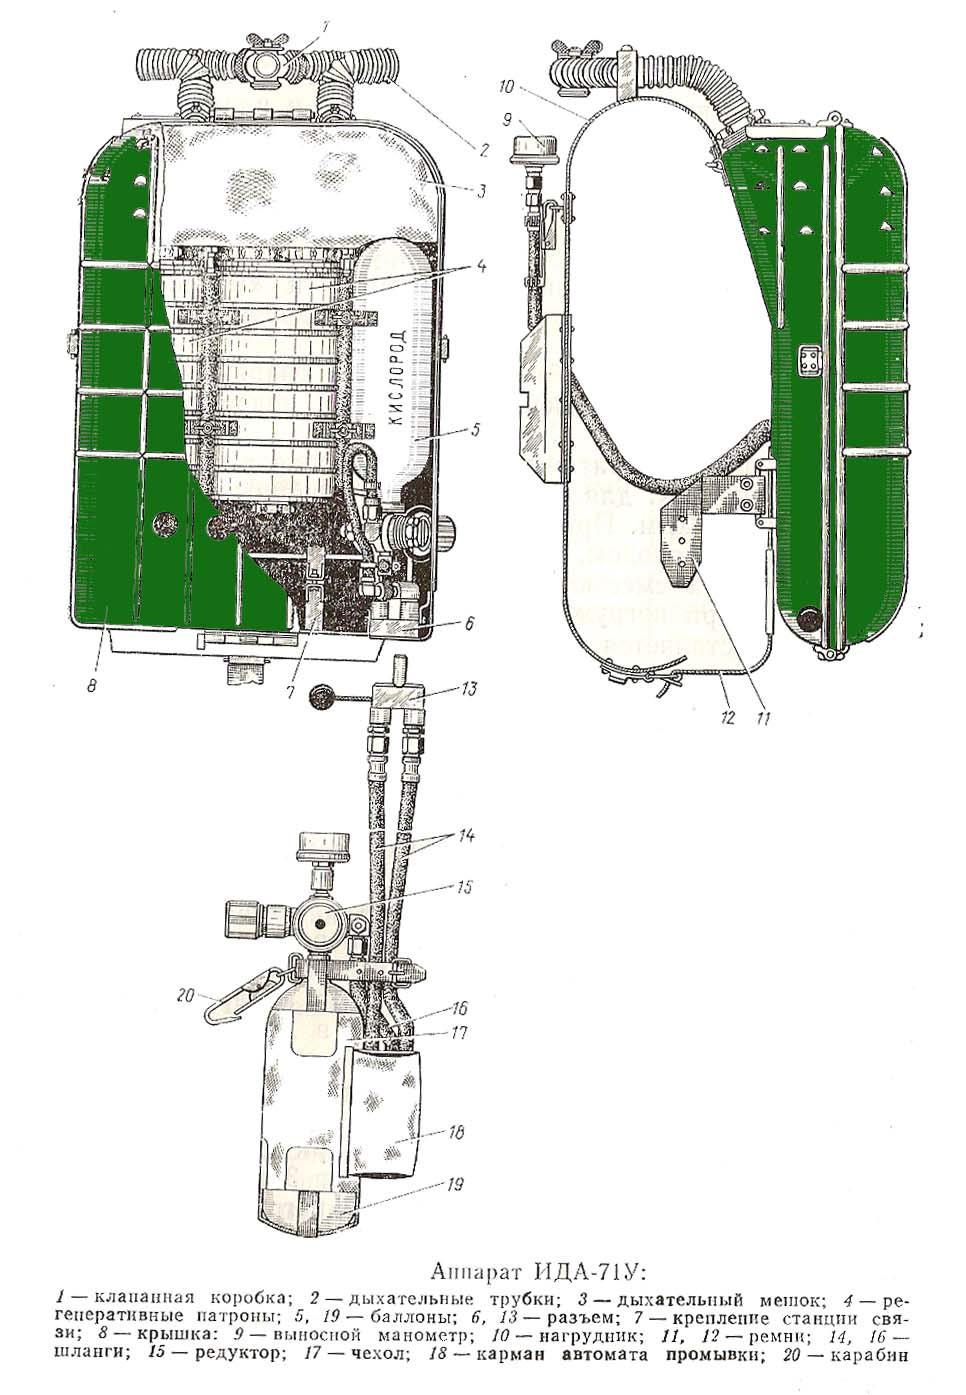 Схема аппарата ИДА-71У. Увеличить